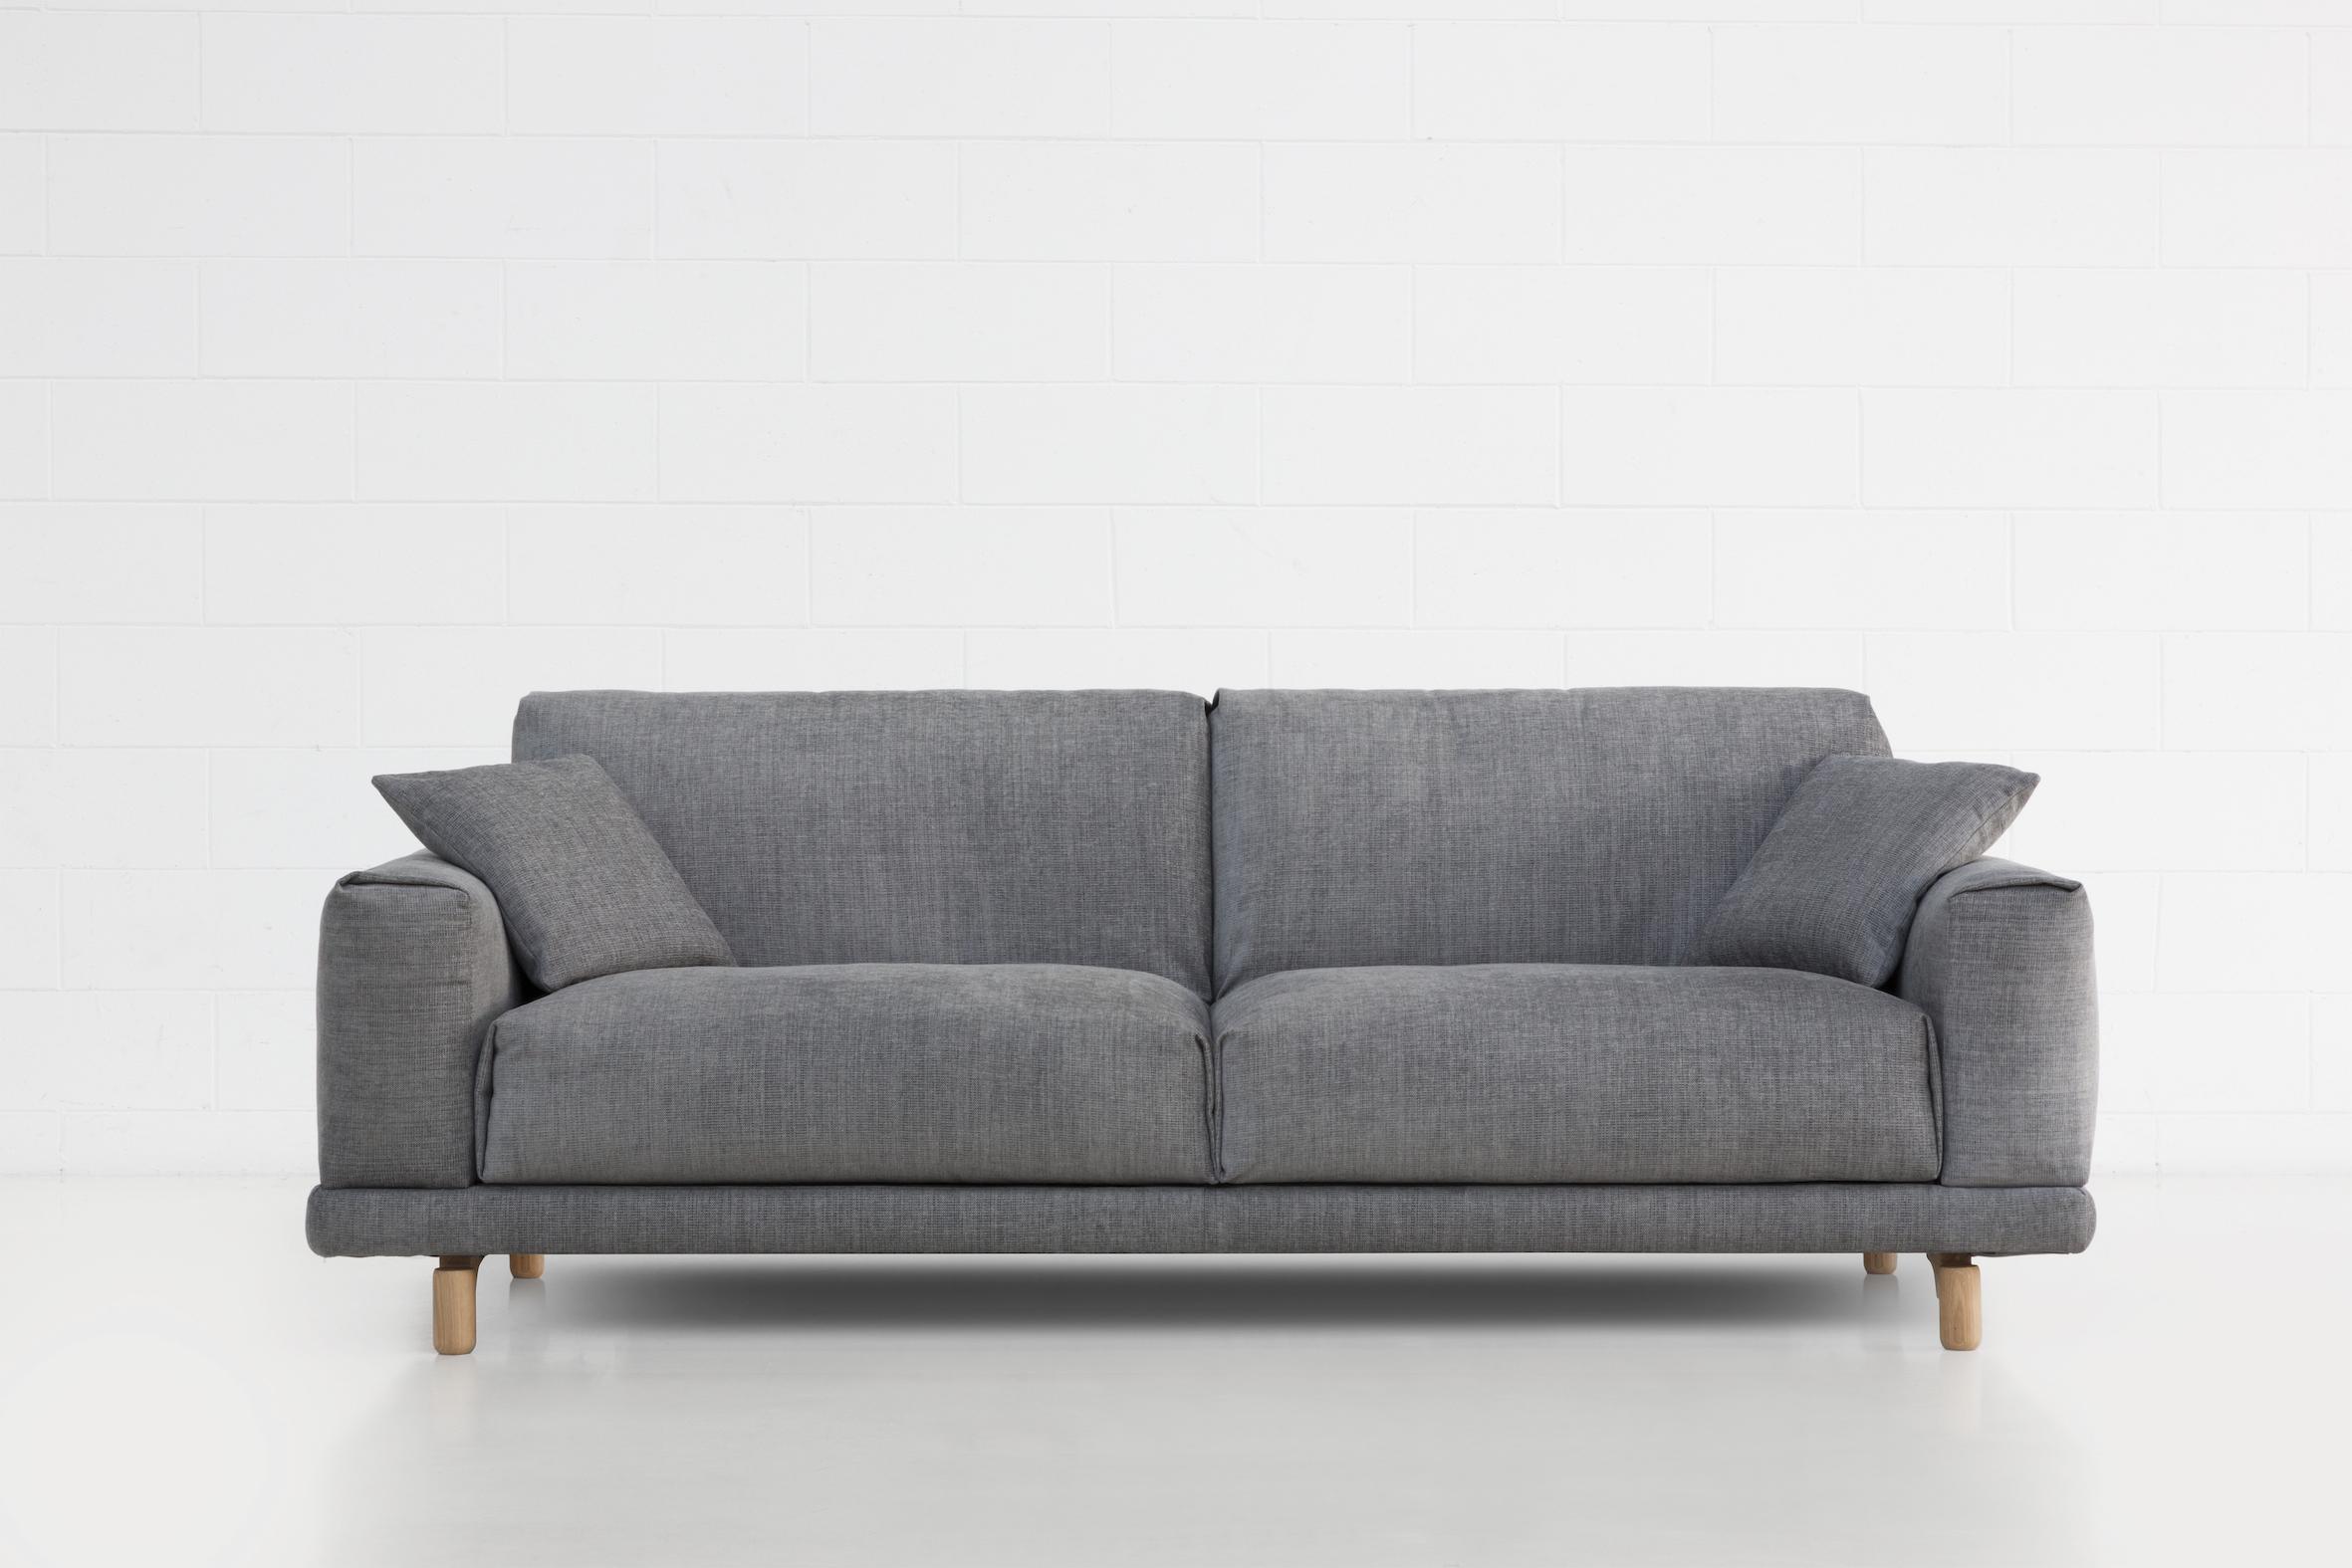 canape lit oslo potiron avis maison et mobilier d 39 int rieur. Black Bedroom Furniture Sets. Home Design Ideas